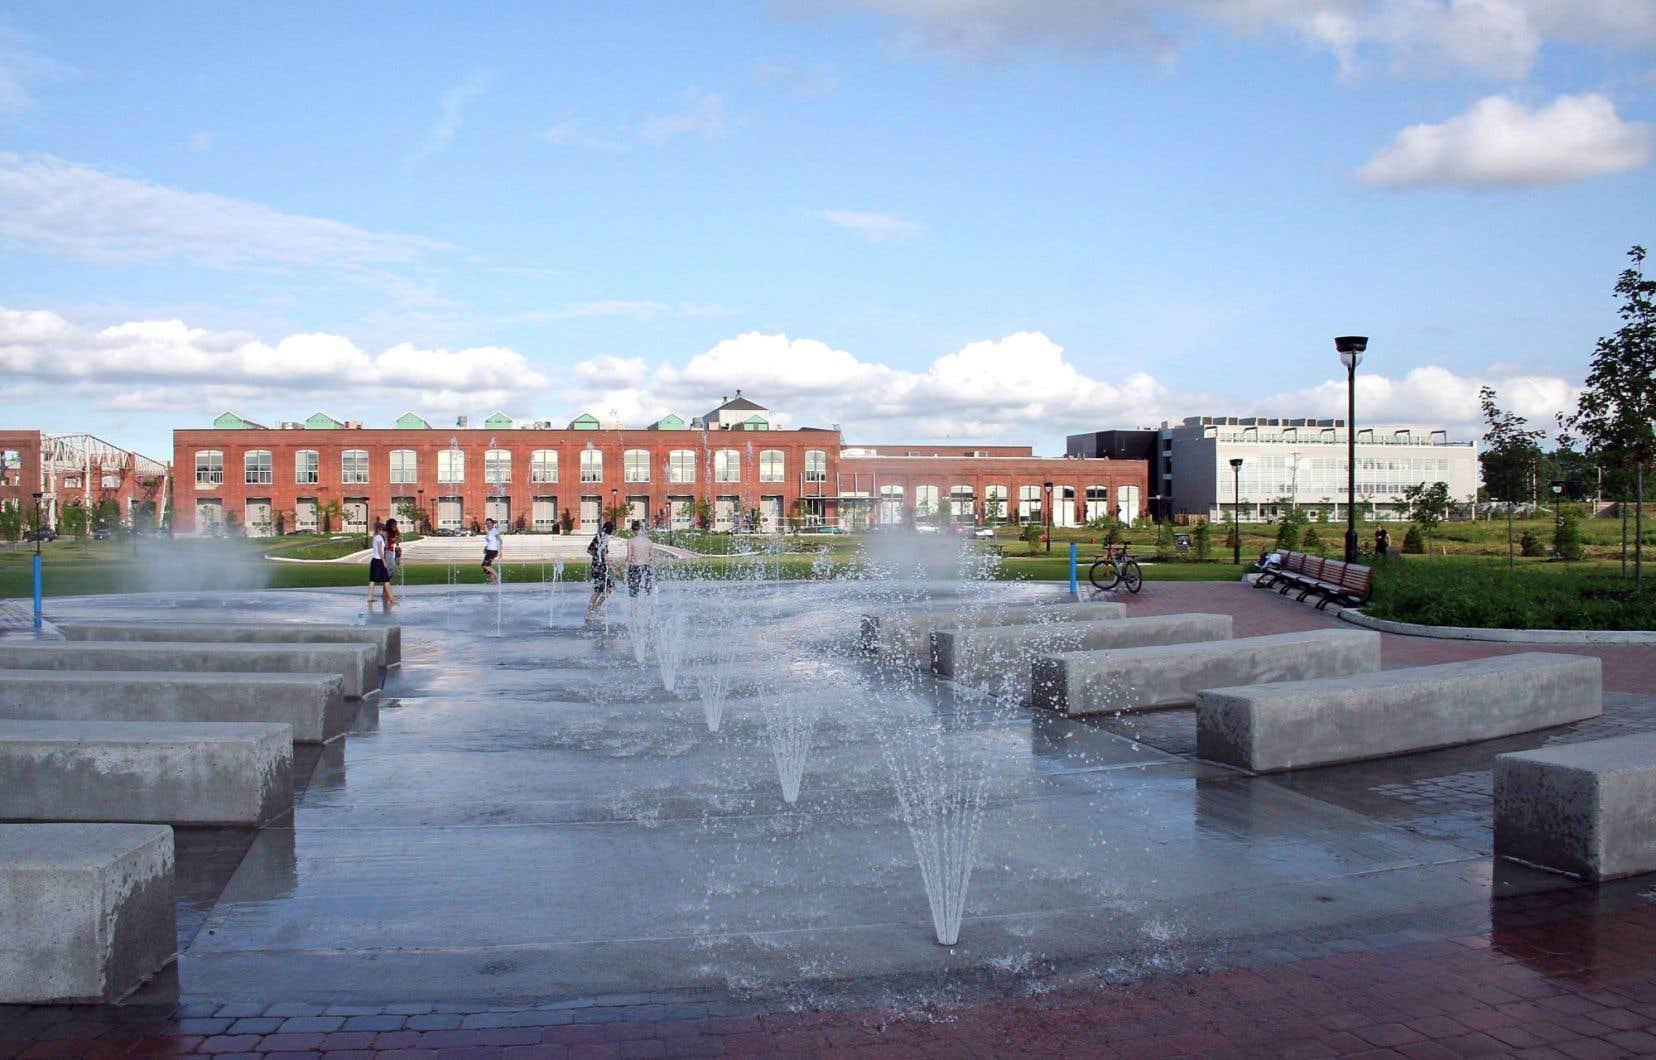 L'un des exemples de développement écoresponsable dans lequel s'est impliqué Fondaction est le Technopôle Angus (photo: parc Jean-Duceppe).